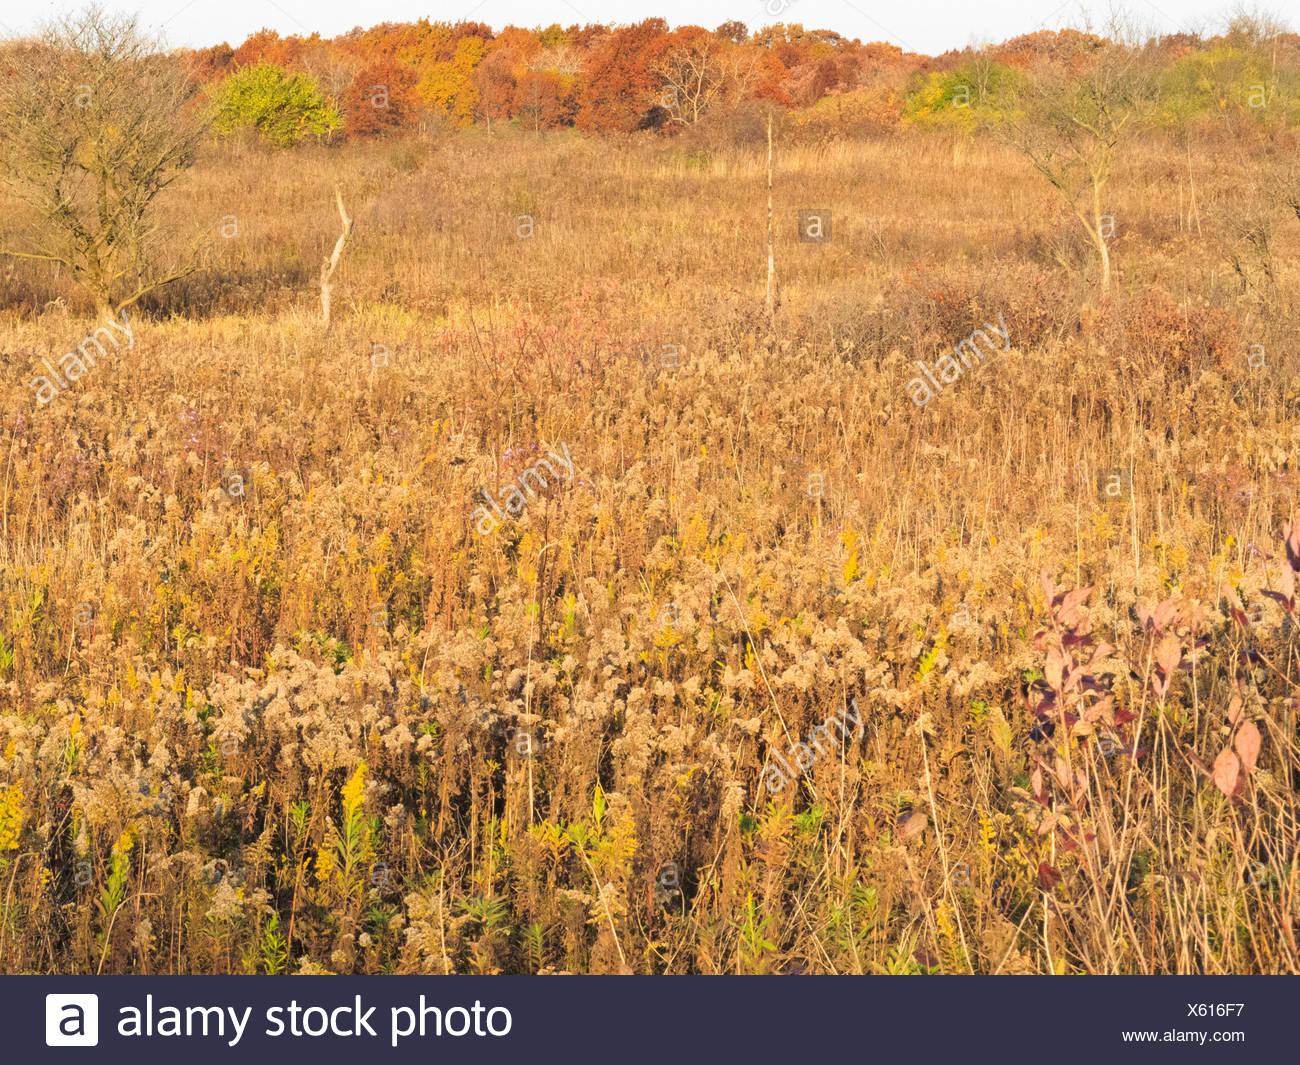 Stati Uniti d'America, Illinois, DuPage County, Darien, prateria paesaggio in autunno Immagini Stock